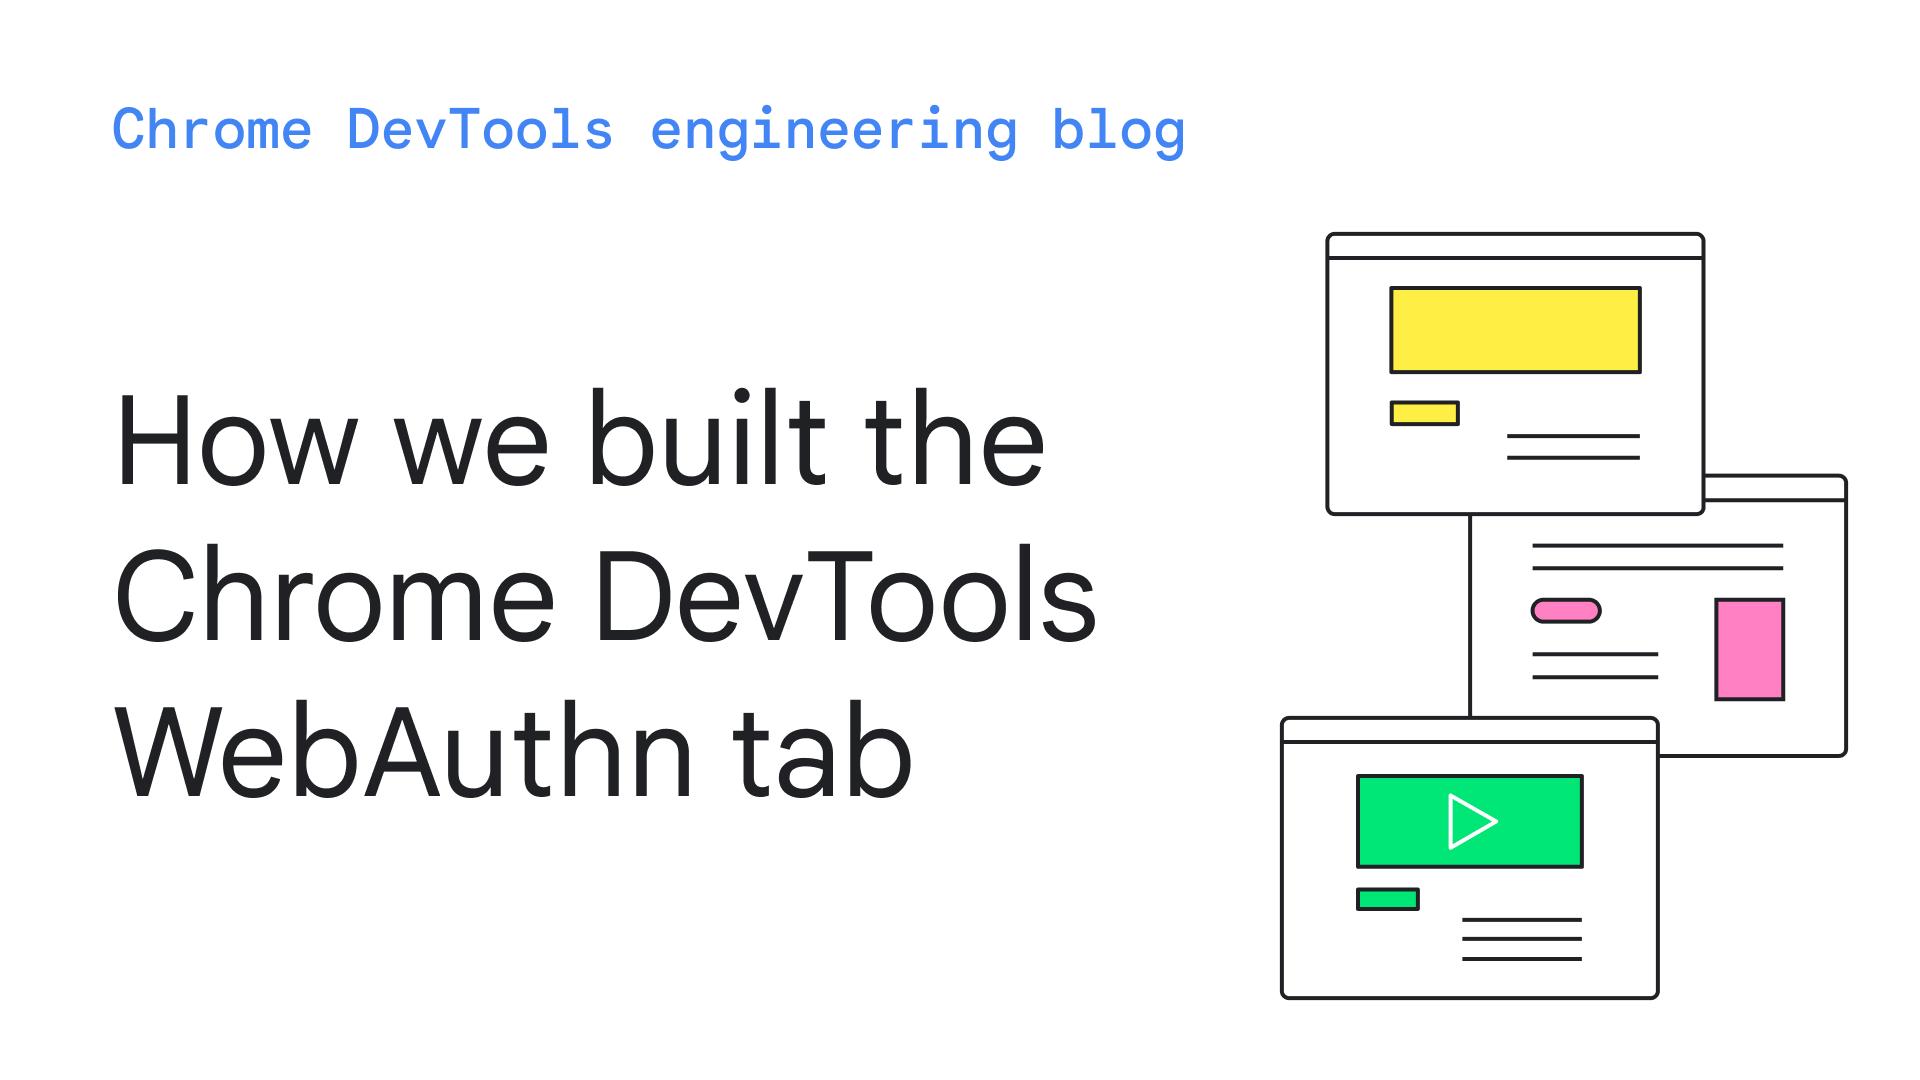 How we built the Chrome DevTools WebAuthn tab